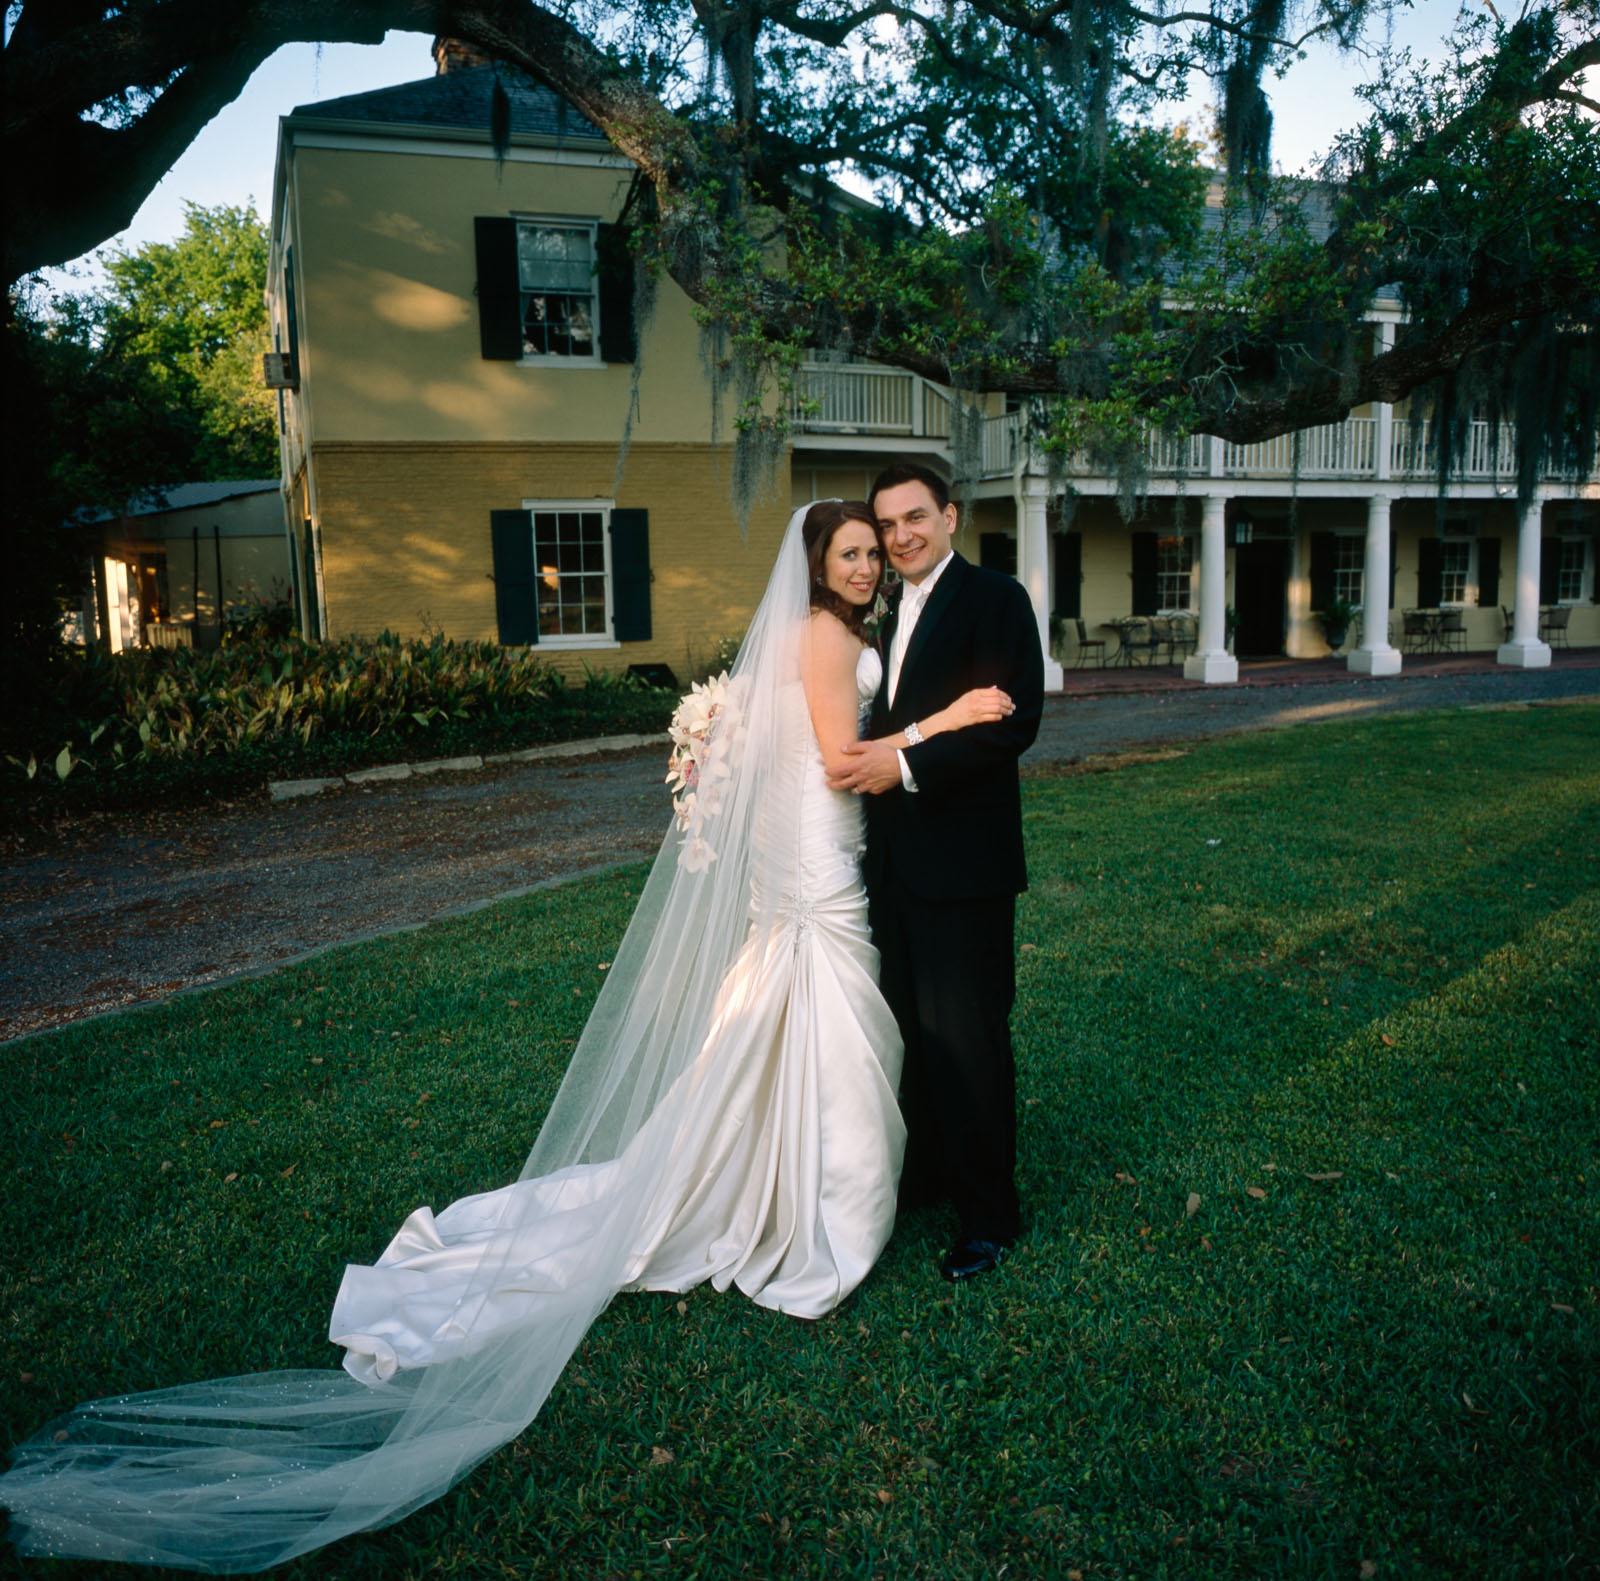 Wedding003_Untitled-18.jpg